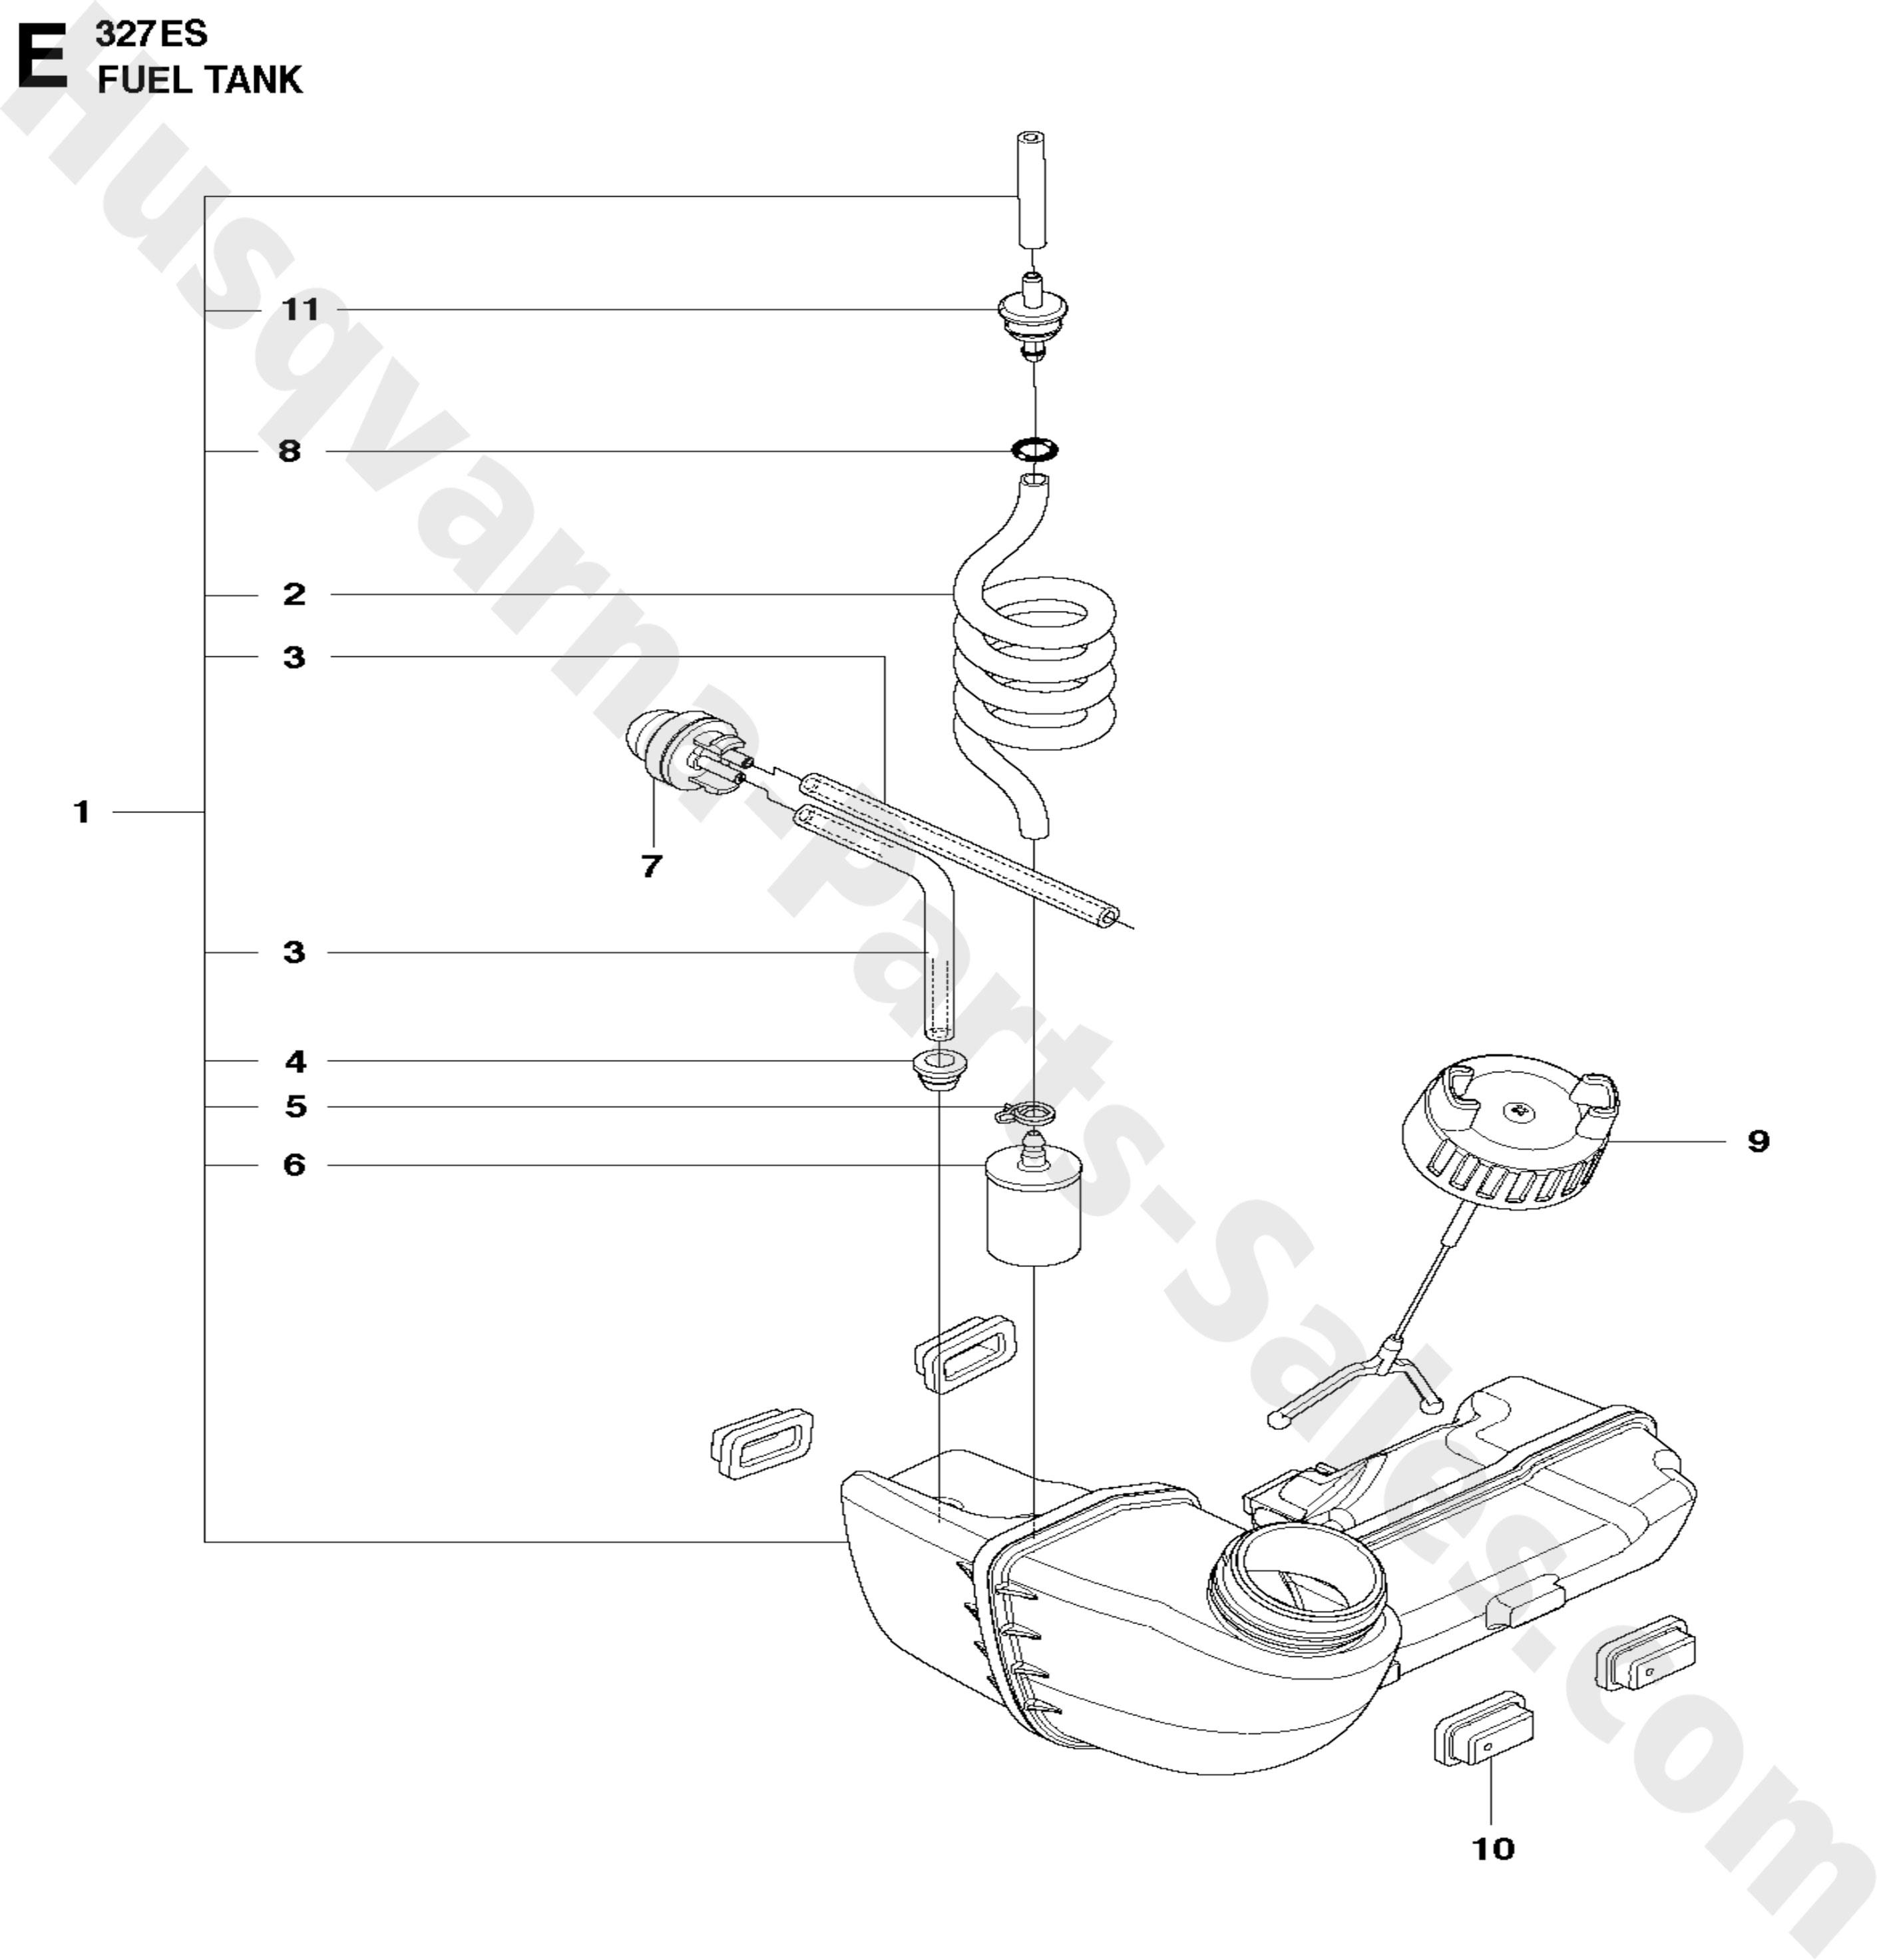 327ES Husqvarna Trimmer & Edger Edger Parts Fuel Tank Parts